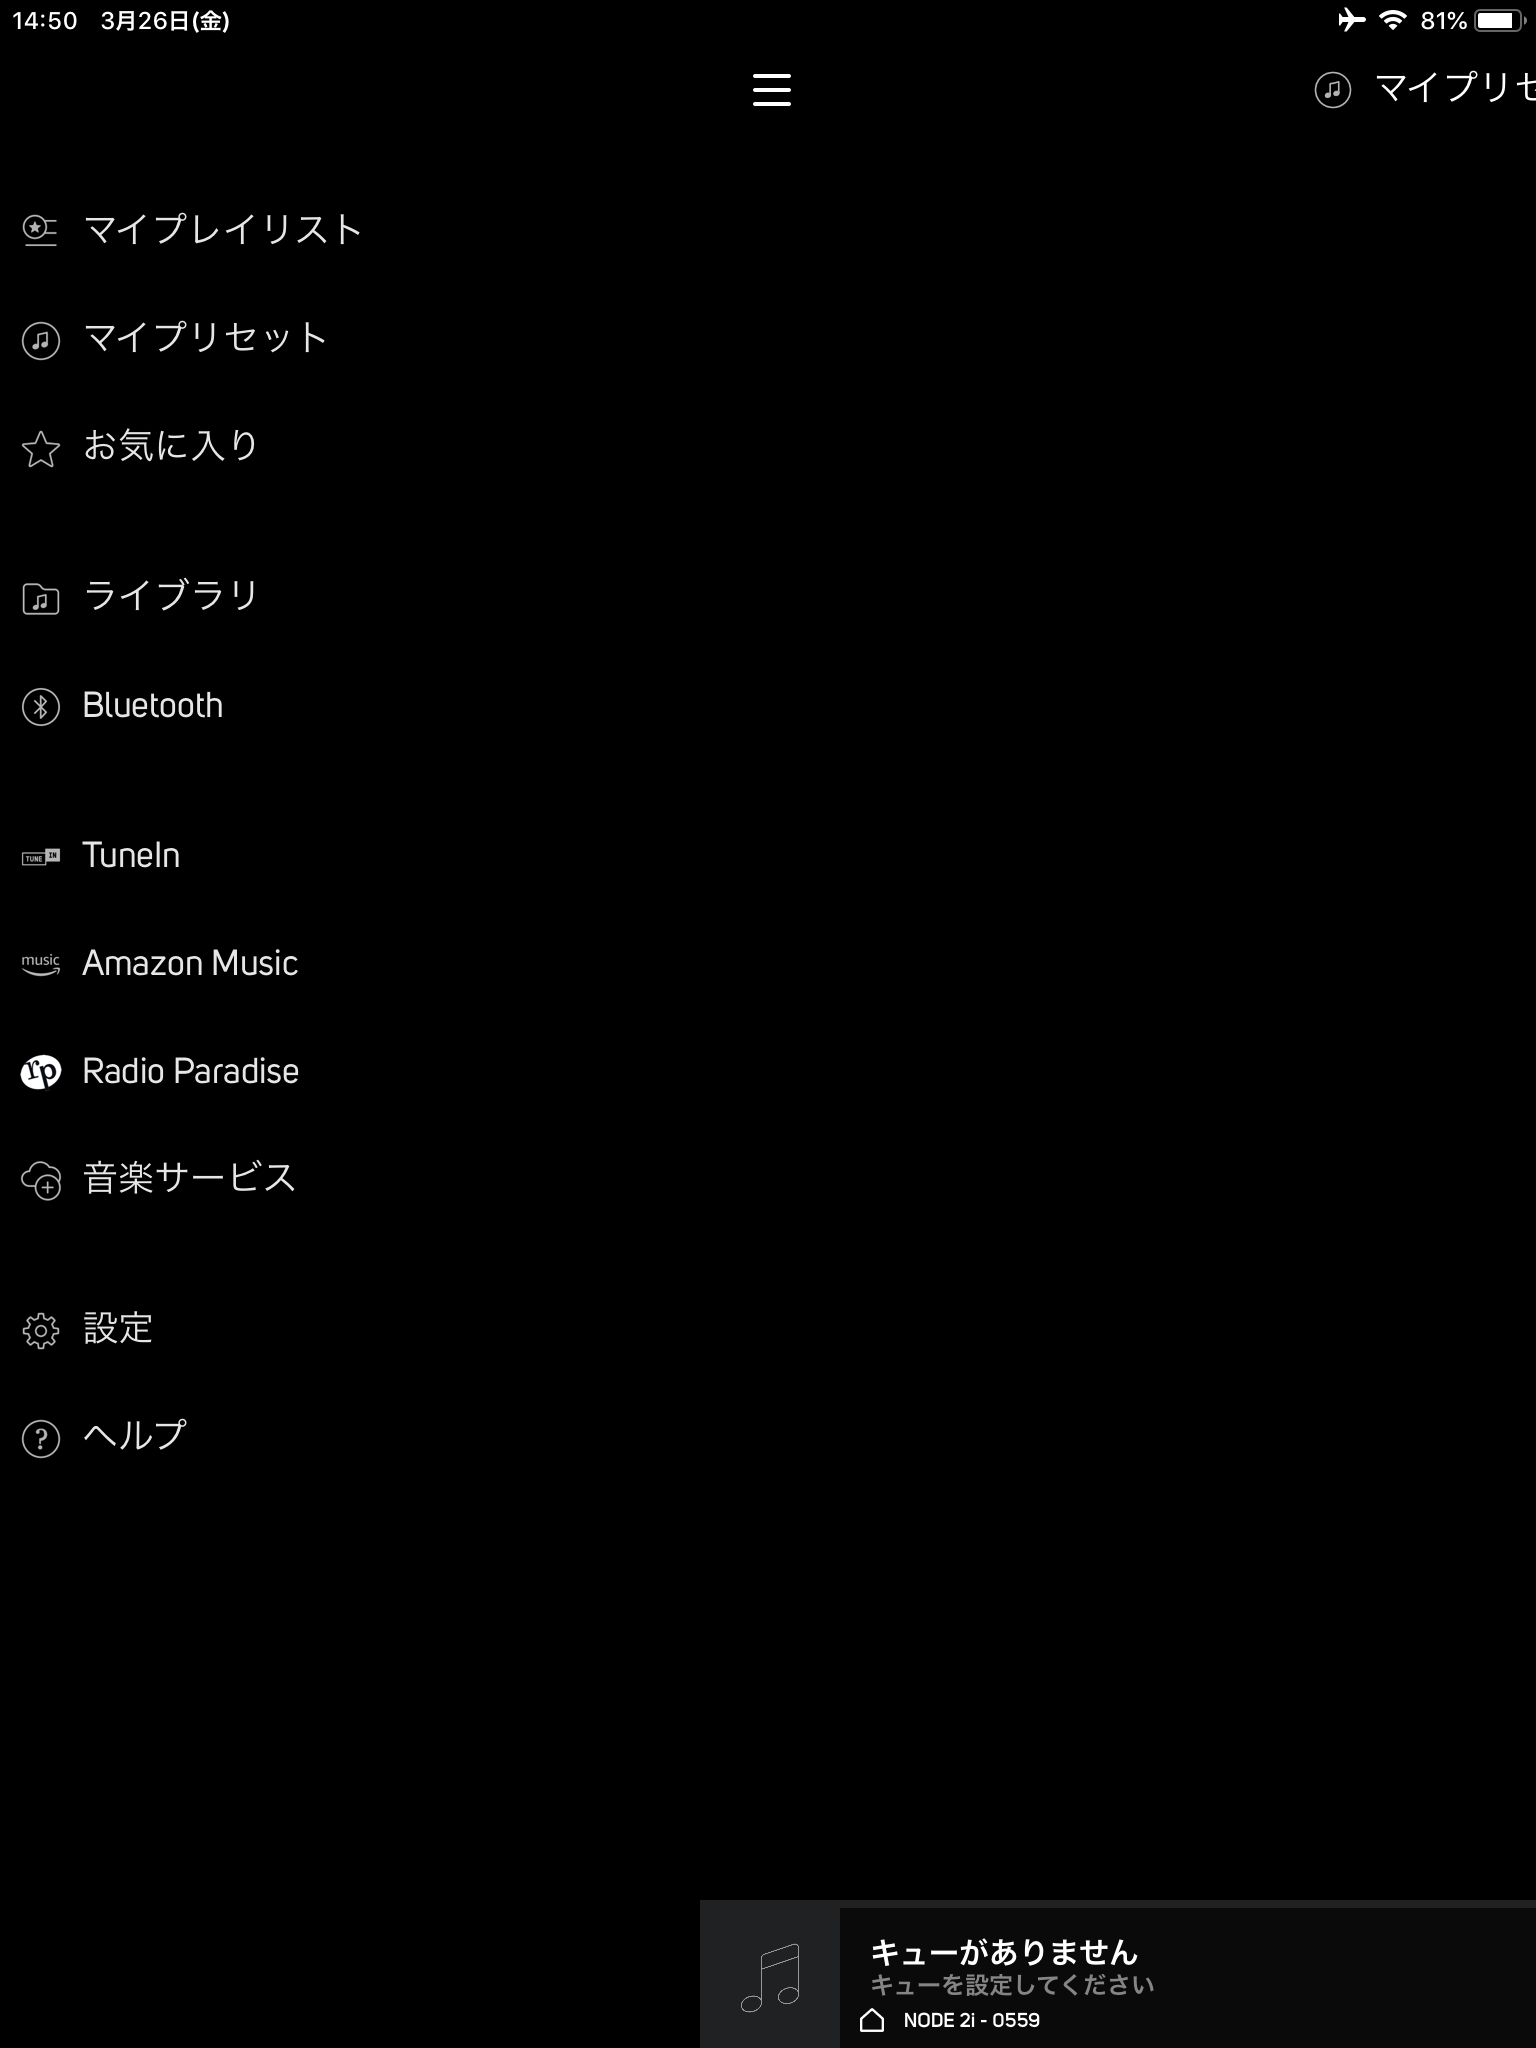 Bluesound (ブルーサウンド)の NODE2i で Amazon Music HD を快適に聴けます。_b0292692_15473075.png